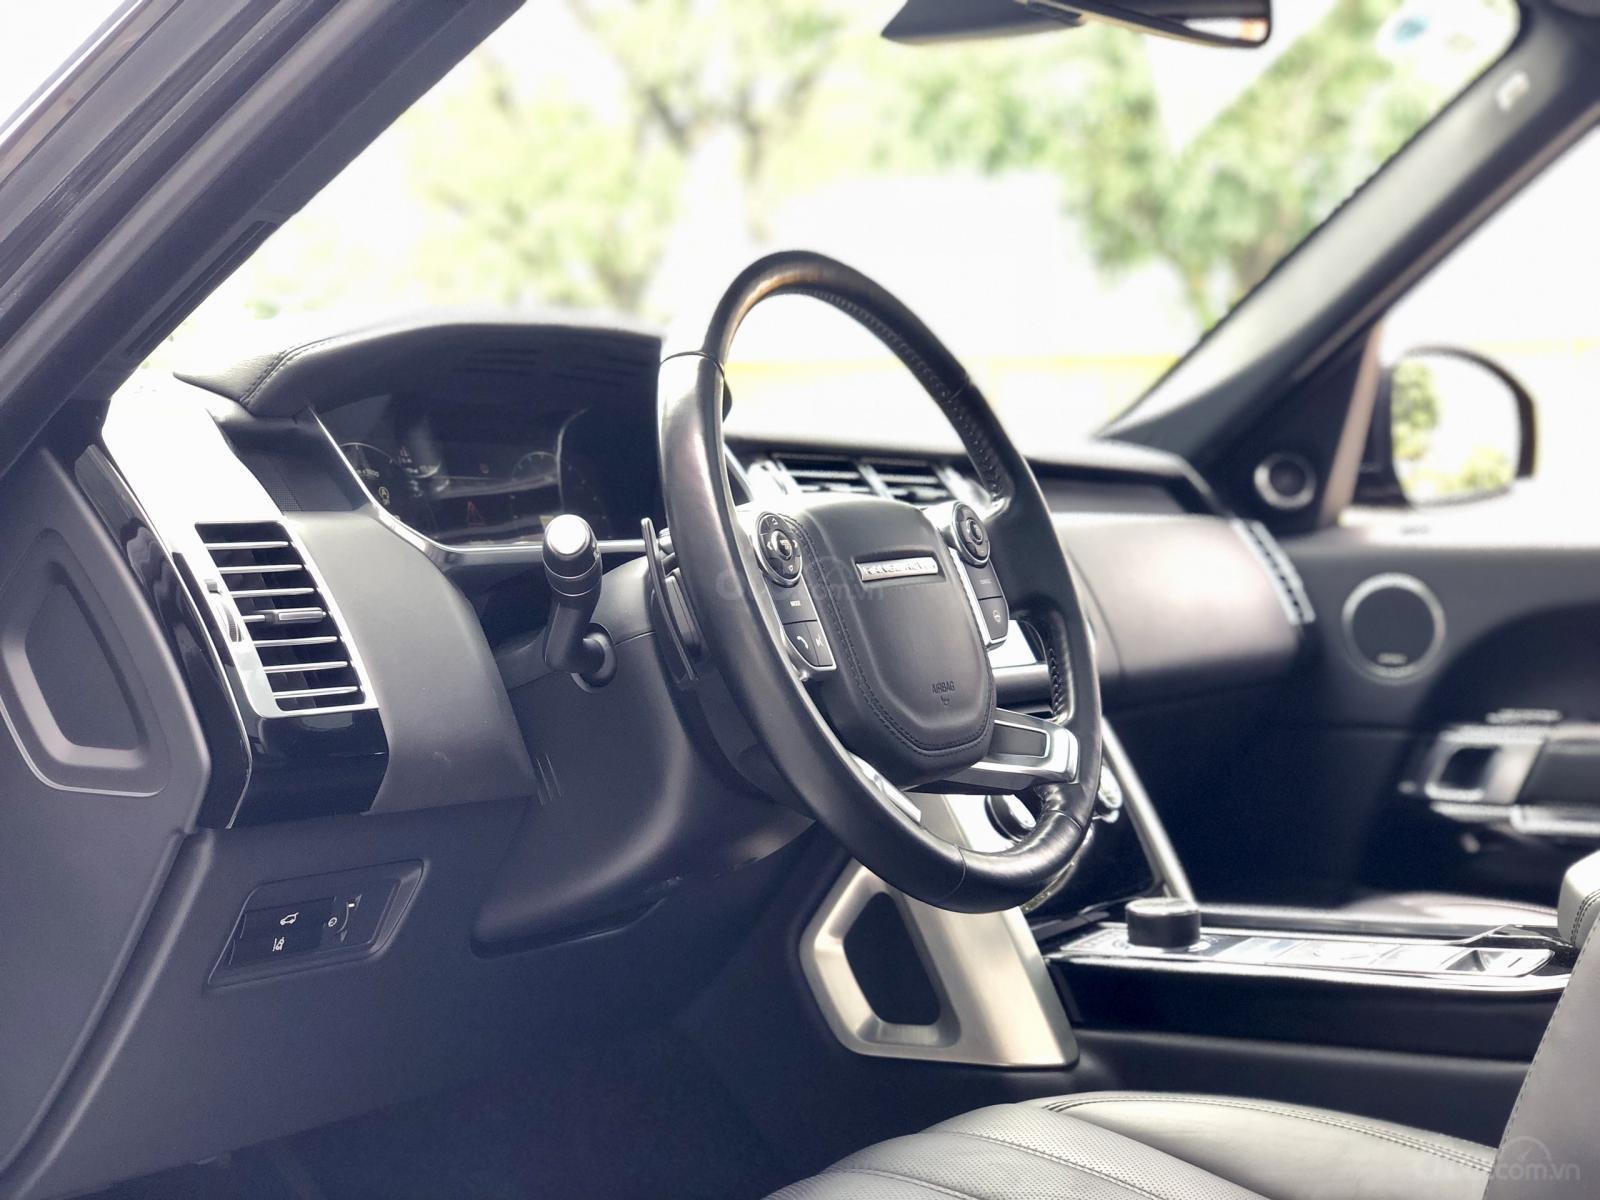 Bán LandRover Range Rover HSE sản xuất 2015, tên công ty xuất hóa đơn, LH Mr Huân 0981010161 (9)